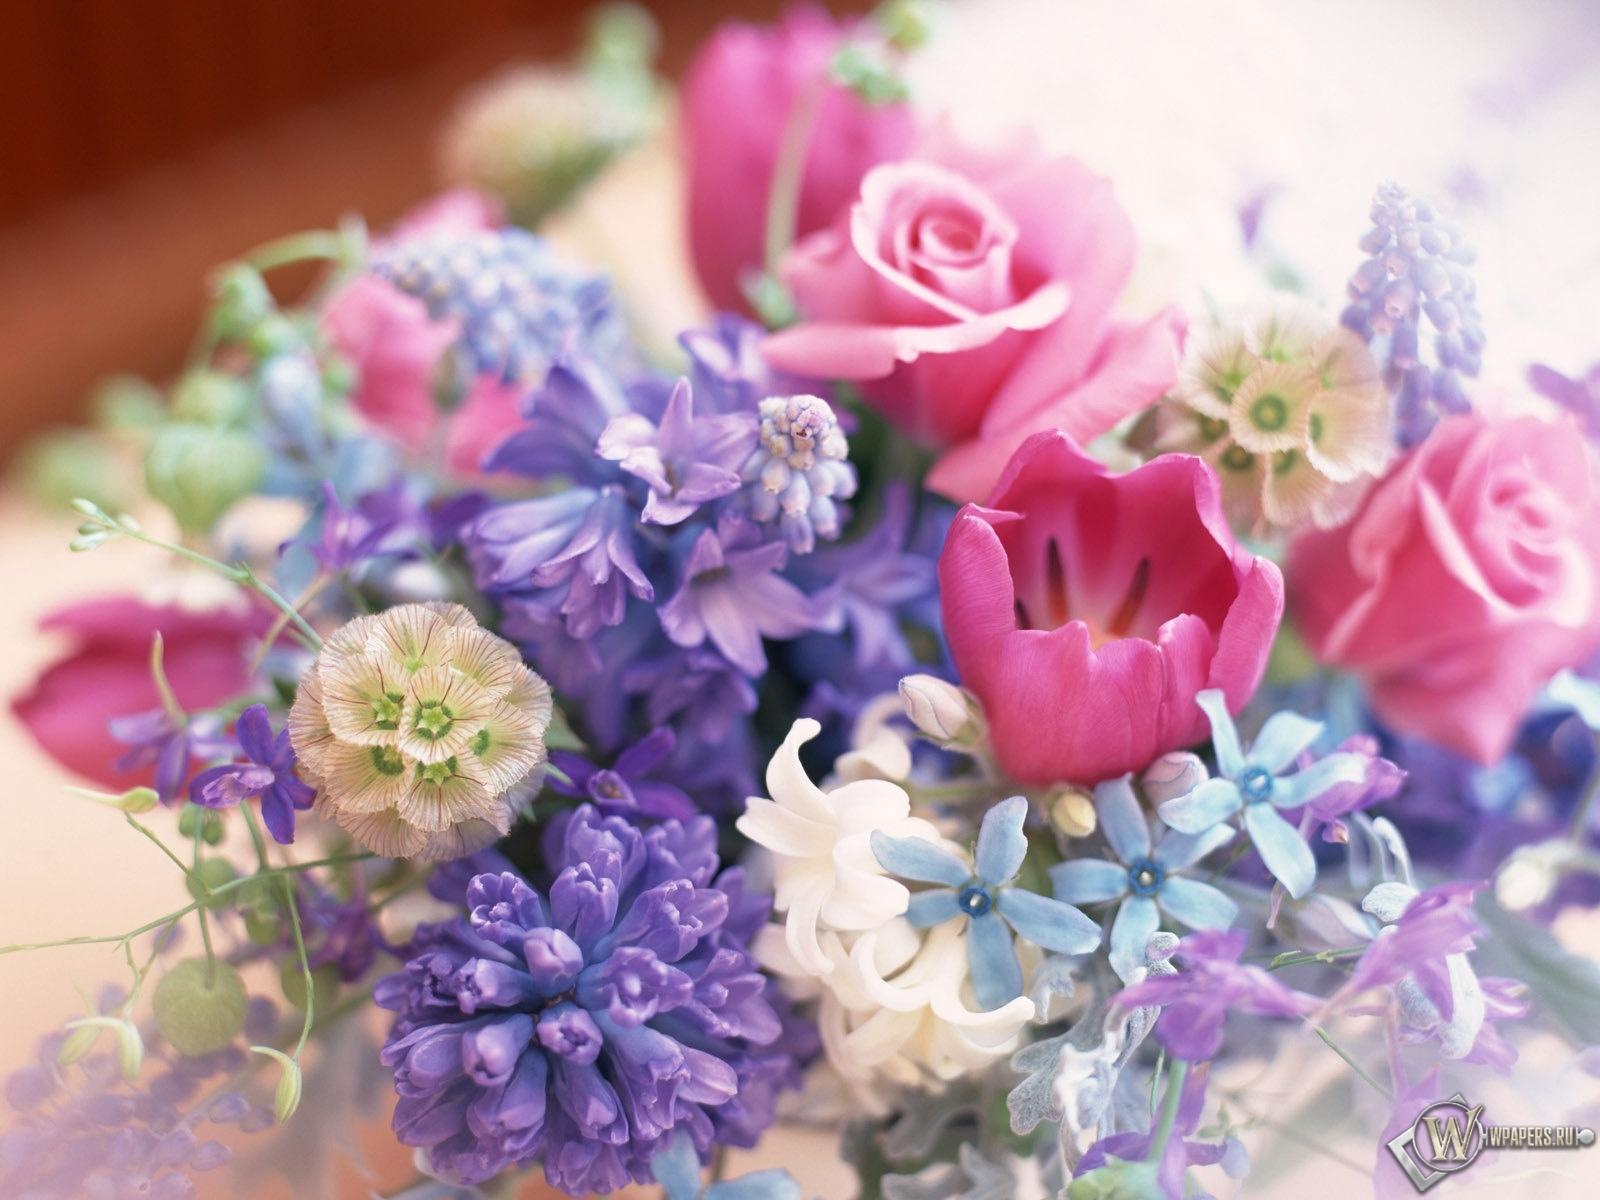 Букет цветов 1600x1200